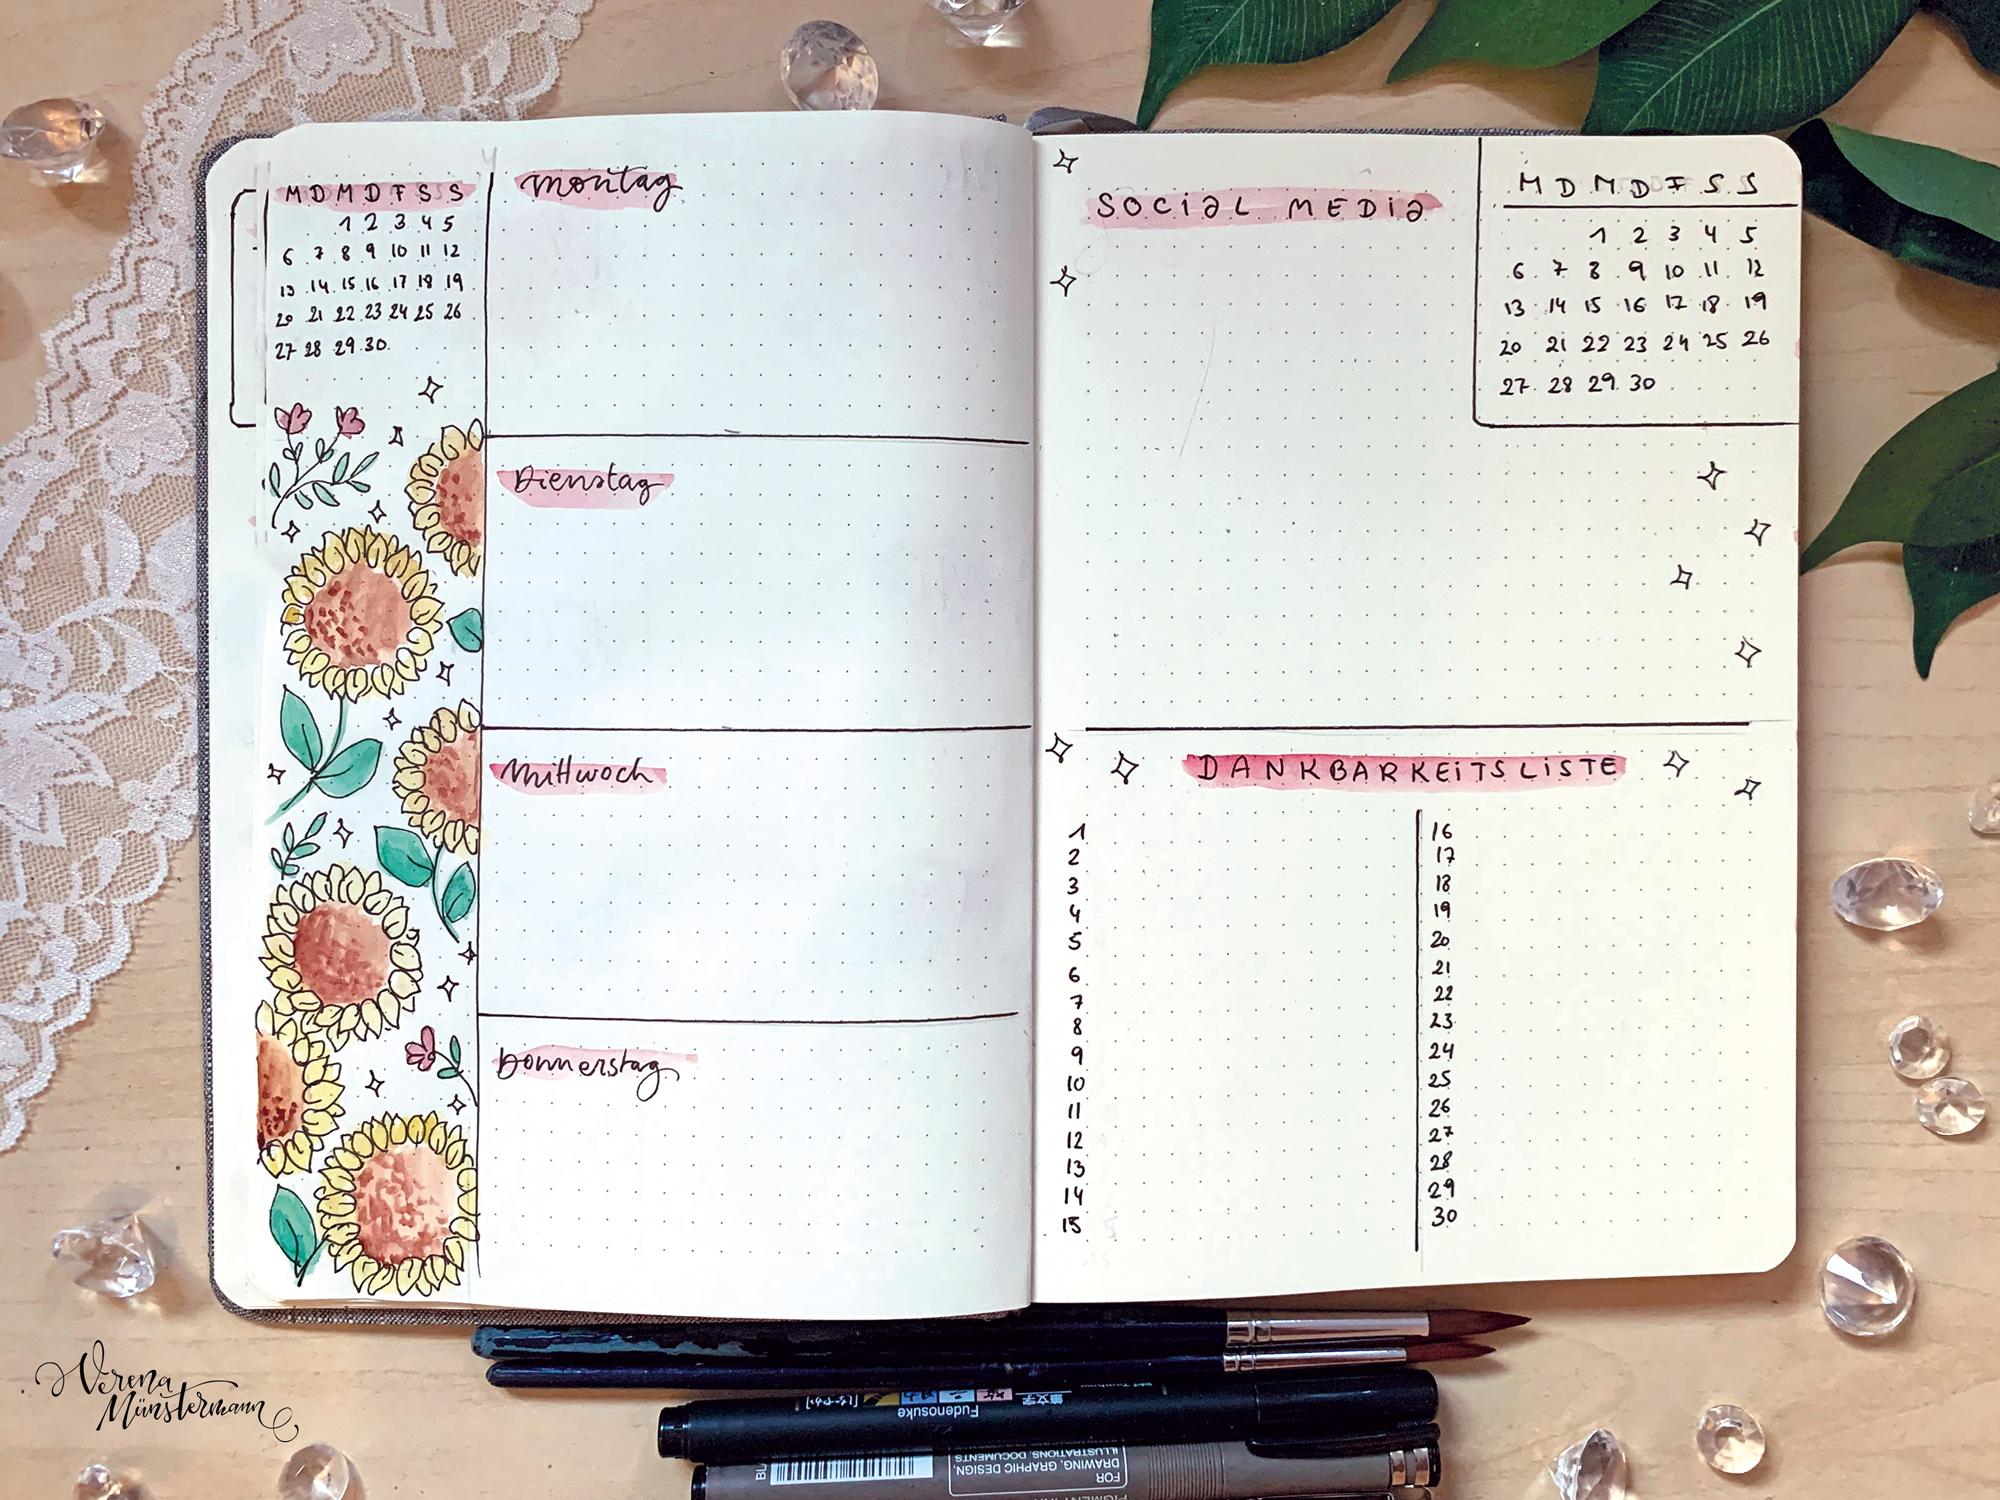 verenamuenstermann - Dankbarkeitsliste - September